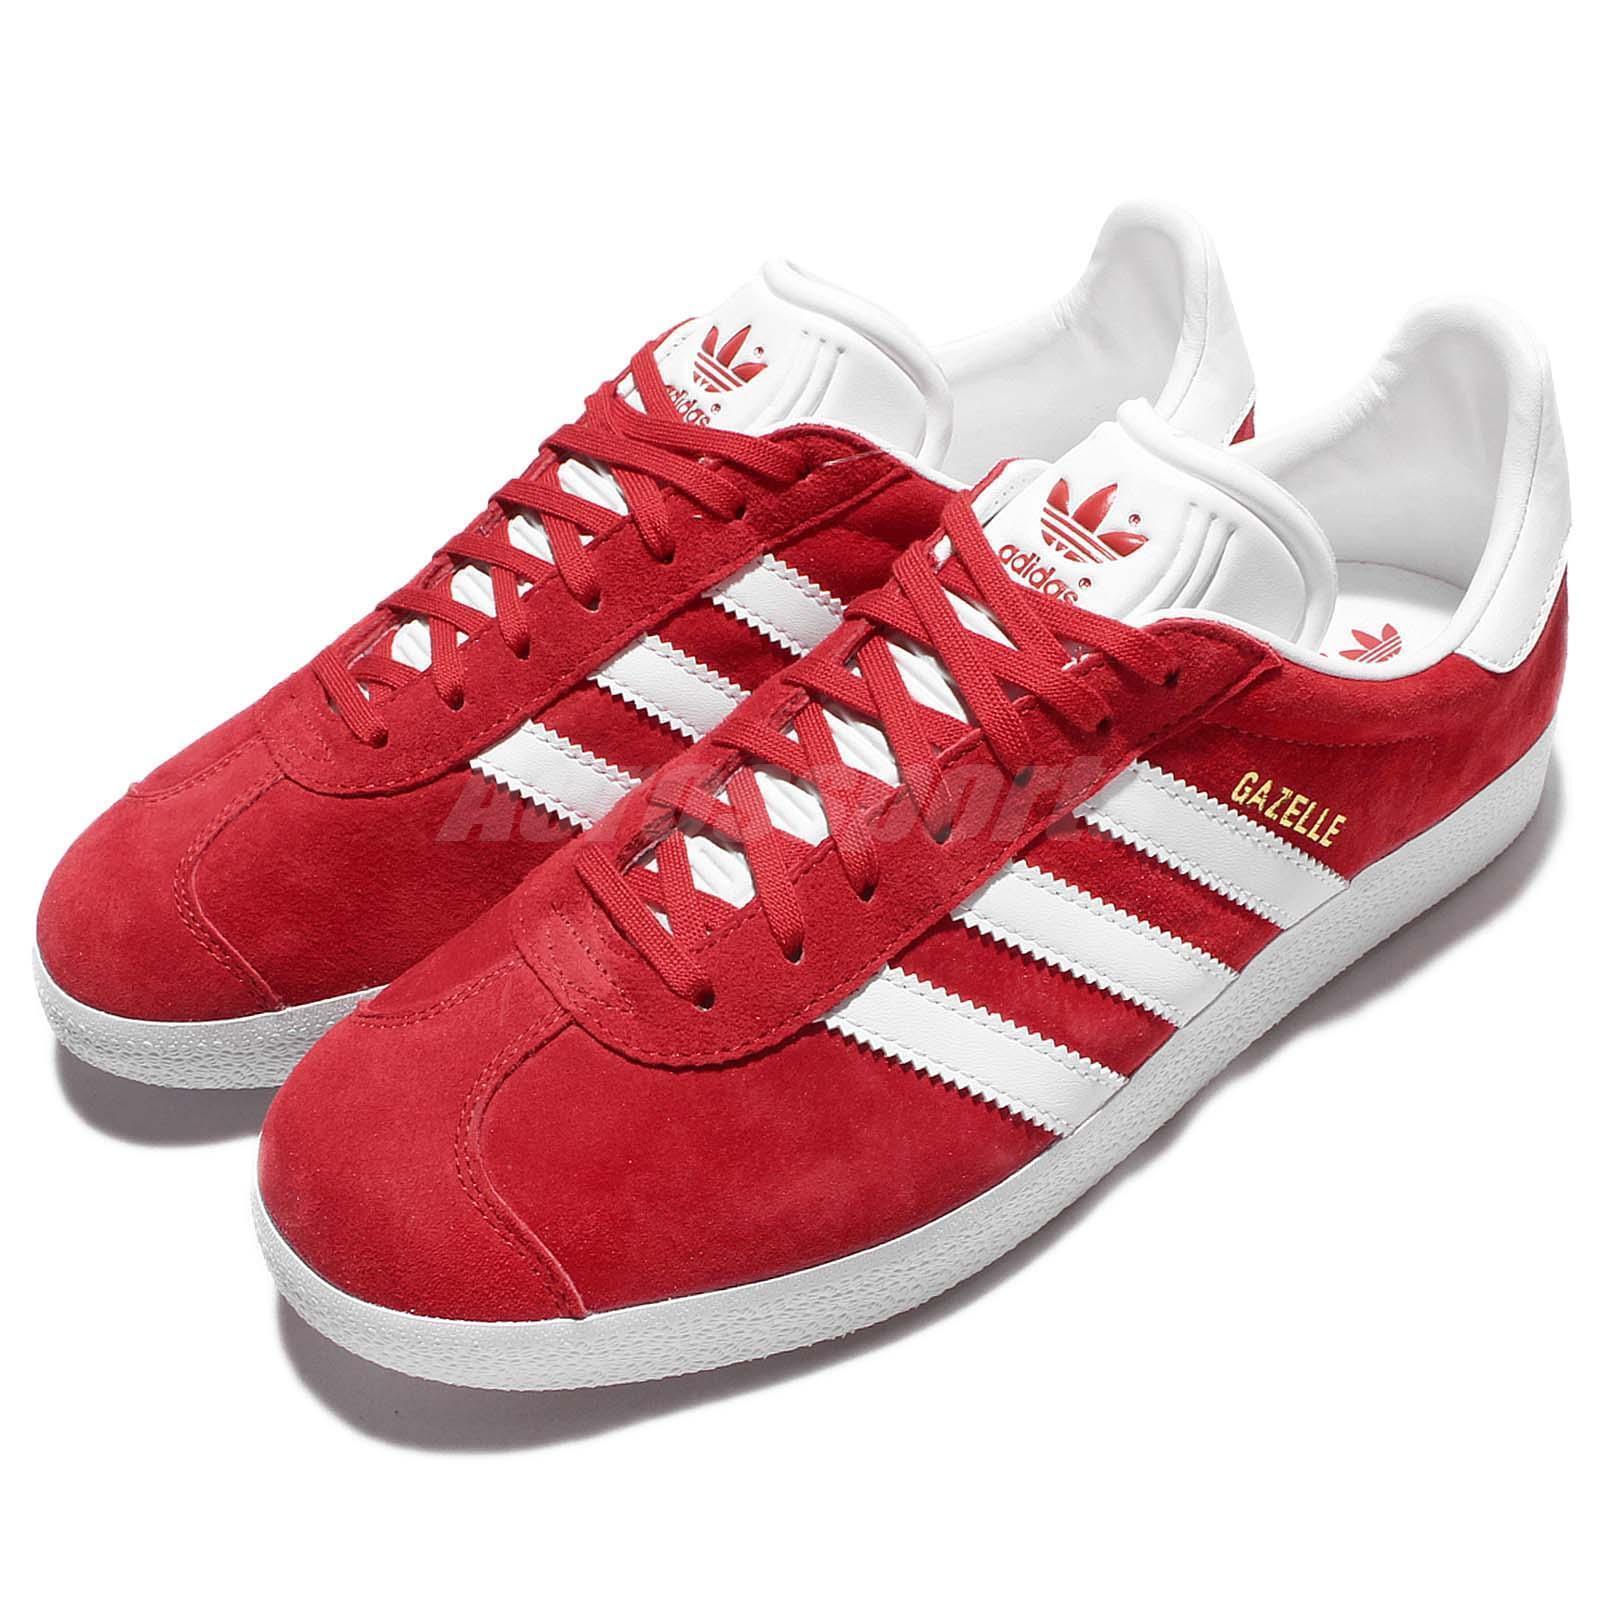 Adidas originali gazalle rosso - bianco - mens vintage scarpe classico scarpe s76228 | Lascia che i nostri beni escano nel mondo  | Uomo/Donna Scarpa